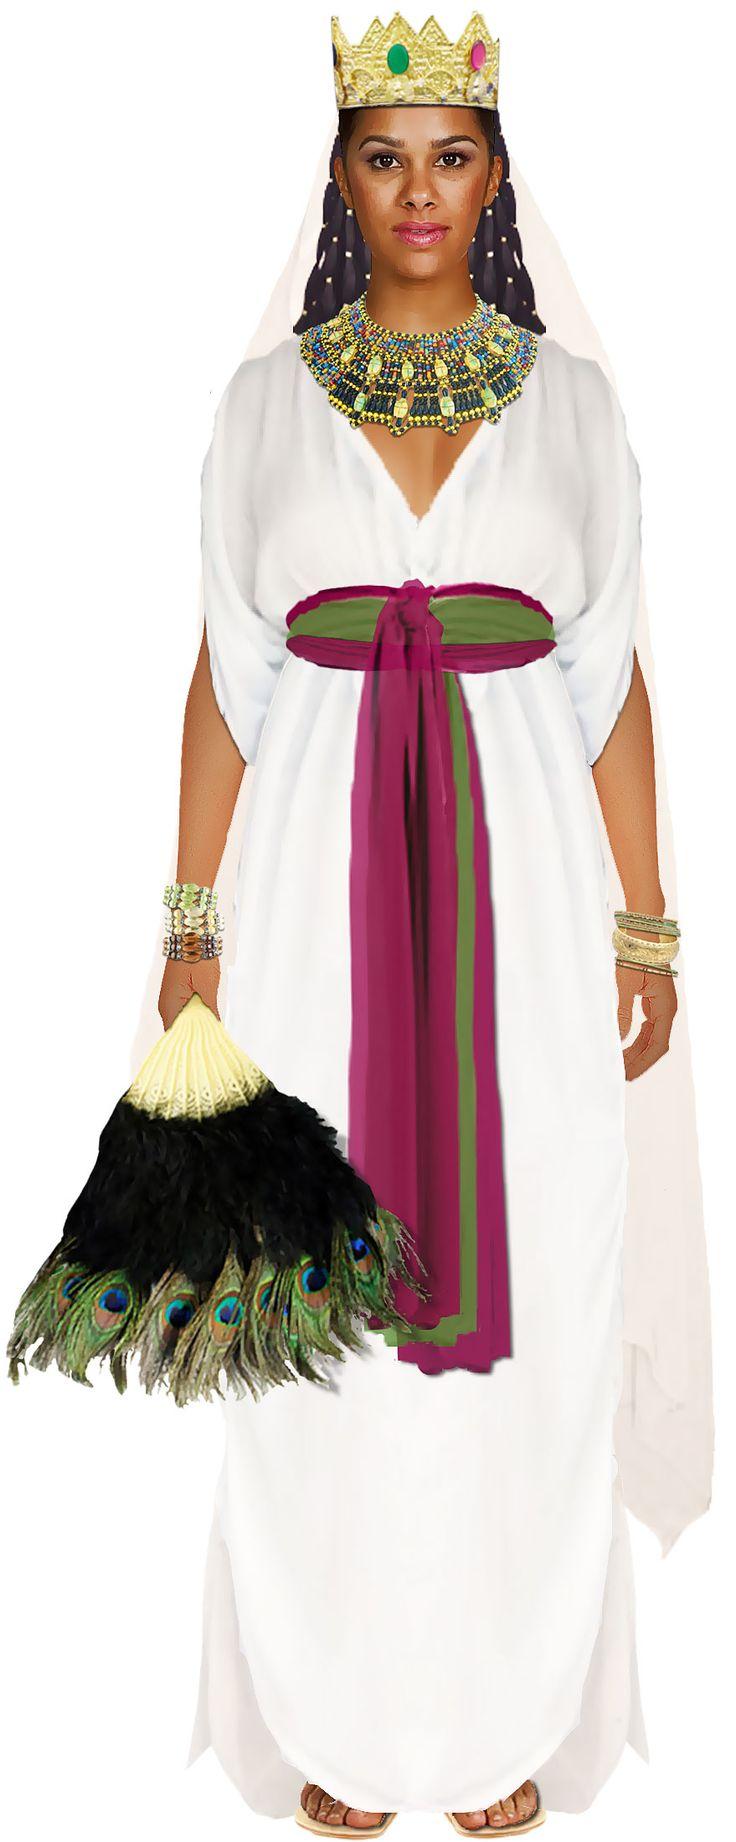 The Queen of Sheba (ca. 950 BCE)